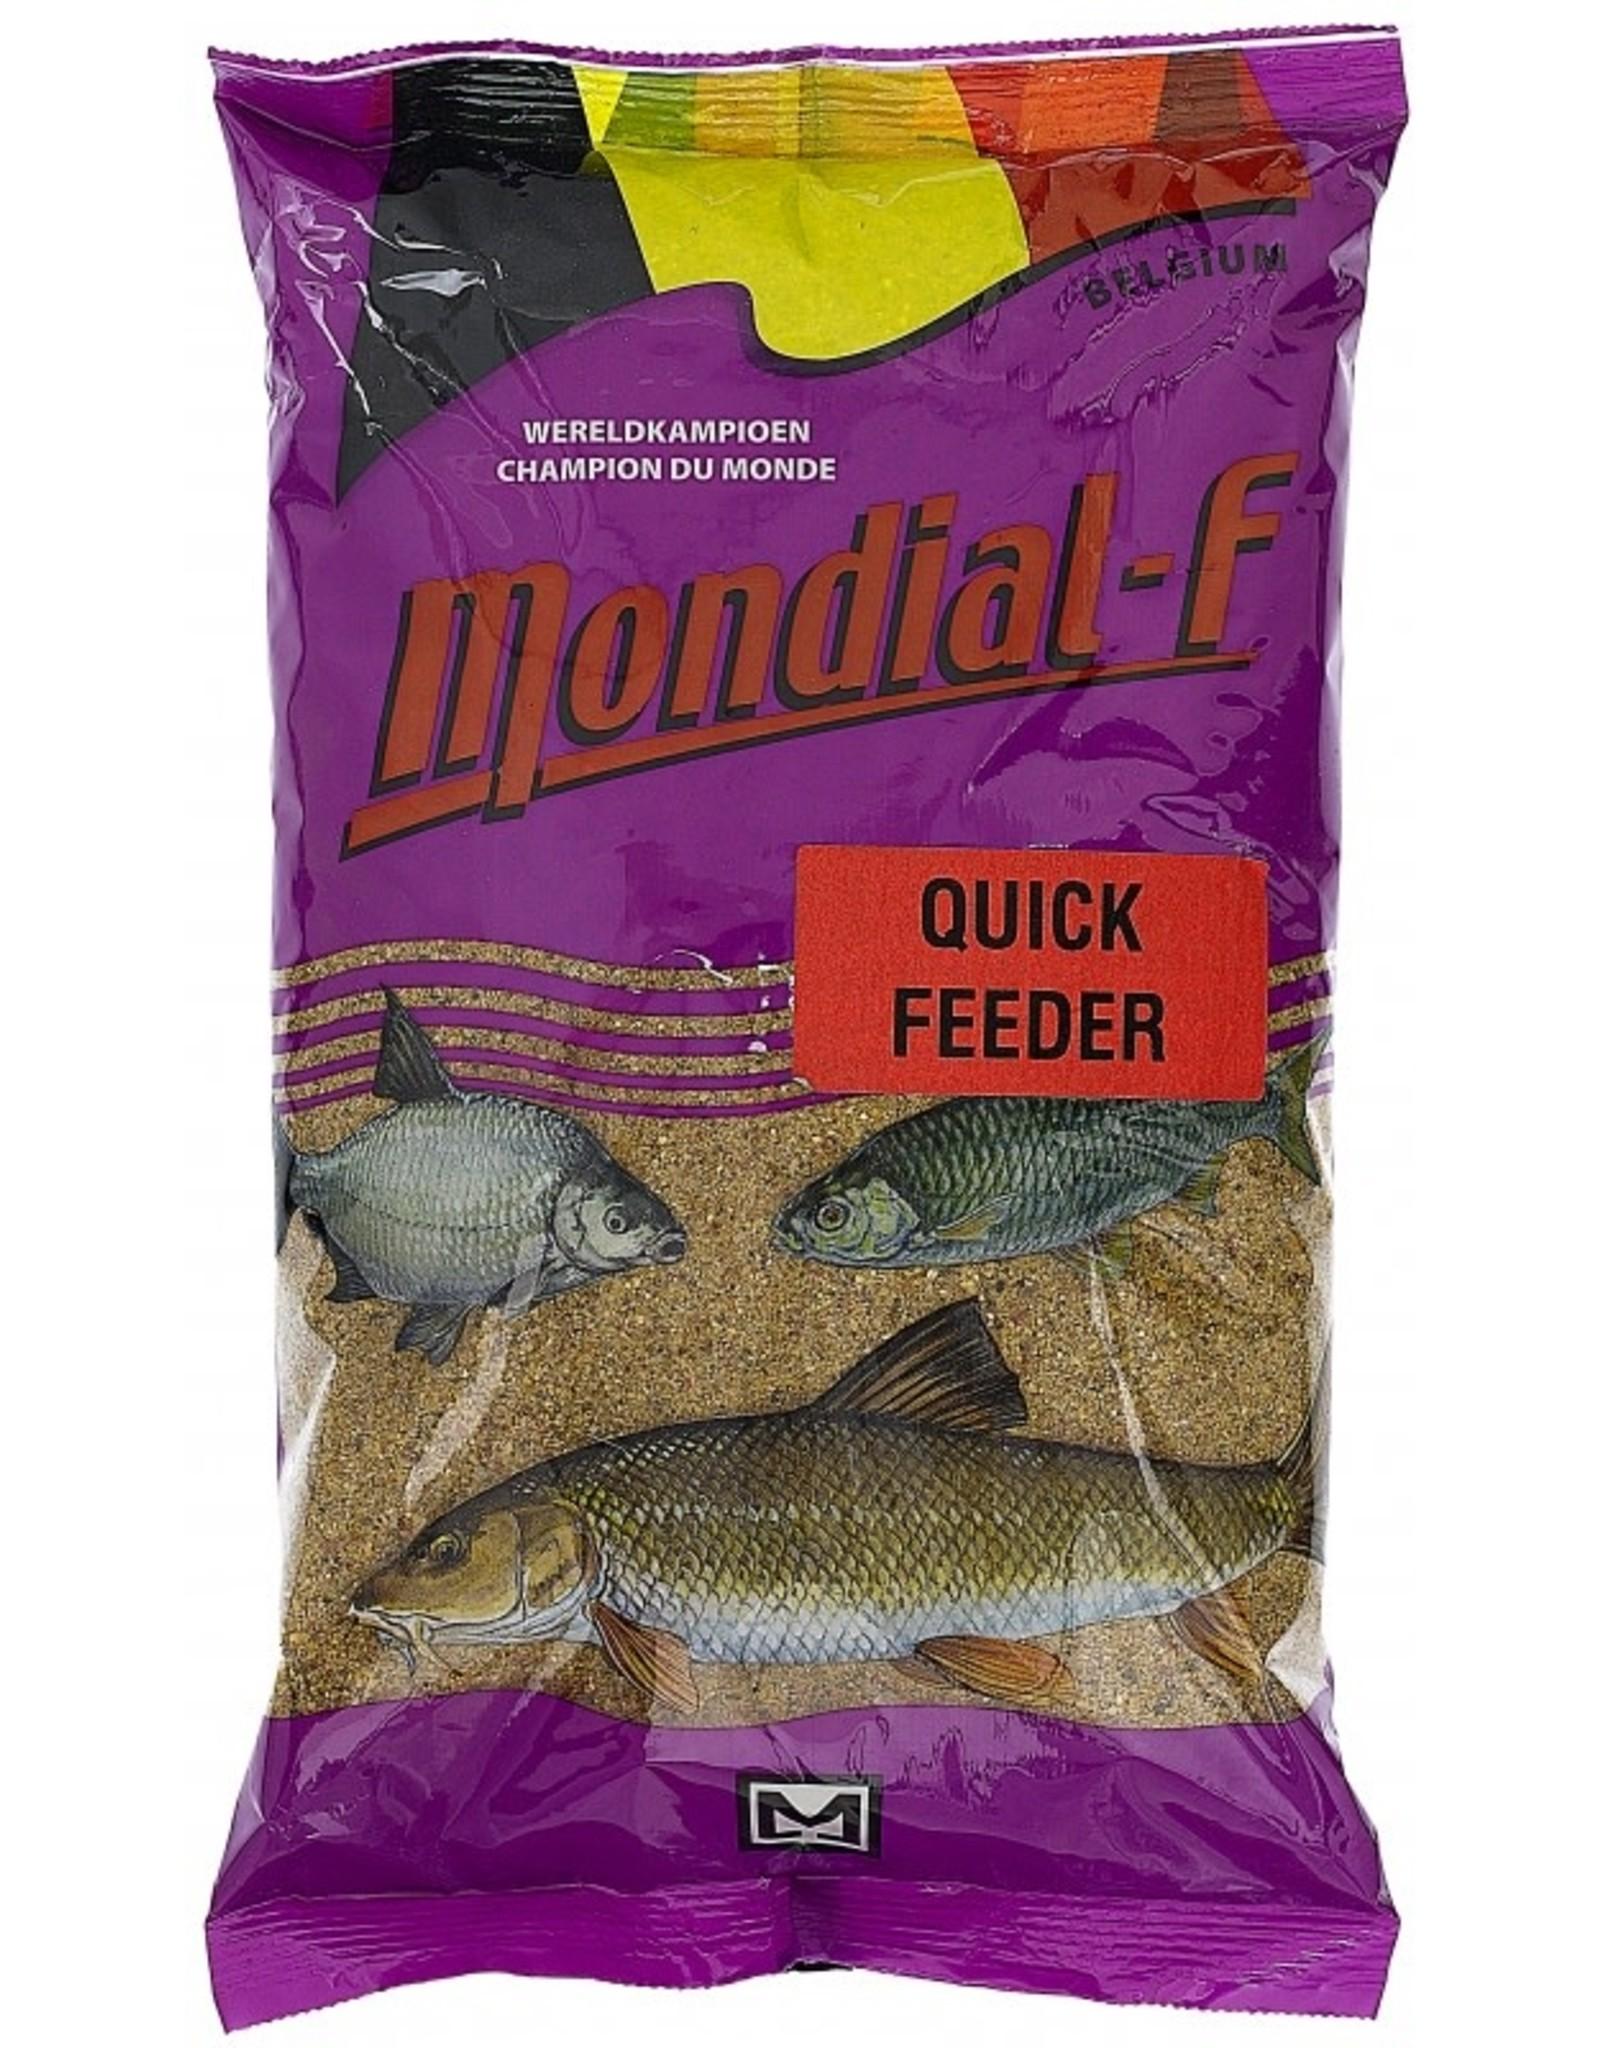 MONDIAL-F QUICK FEEDER 1KG